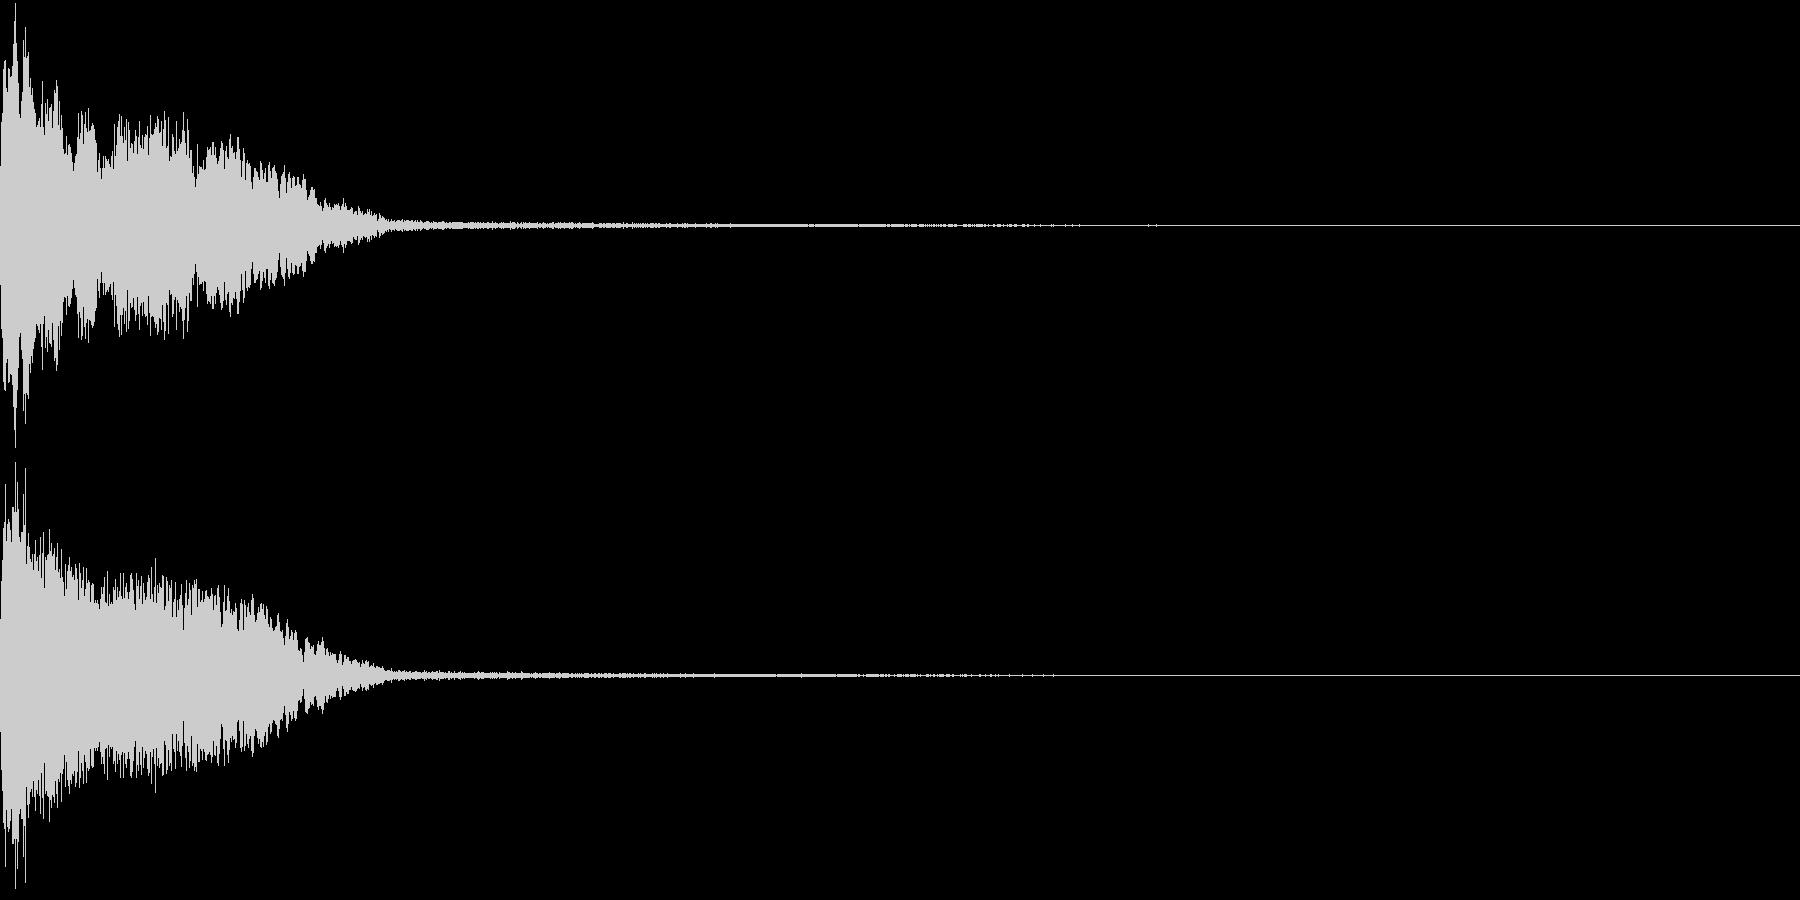 InvaderBuzz 発砲音 6の未再生の波形